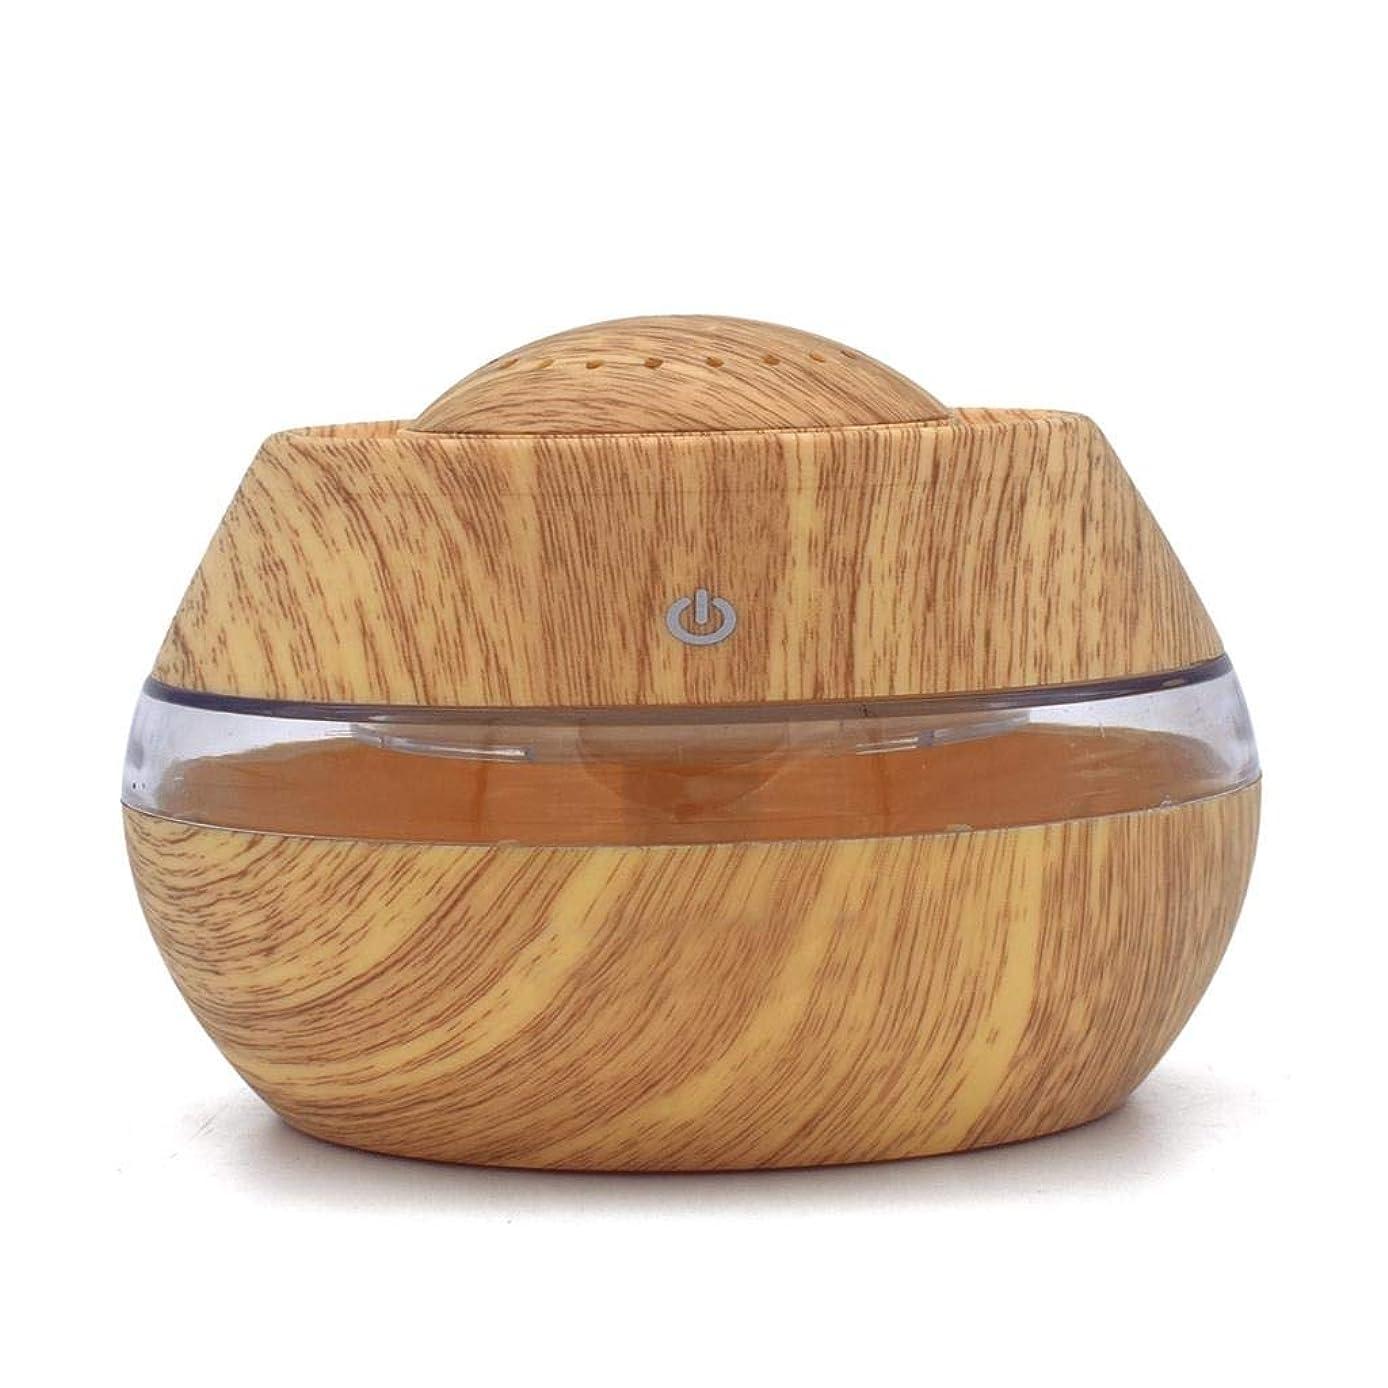 位置する友情ヘルメット芳香 拡張器 清涼 薄霧 加湿器 騒音36dB 以下 ミスト アロマ フレグランス 癒し リラックス 調光 LED 寝室 (Color : Light wood)